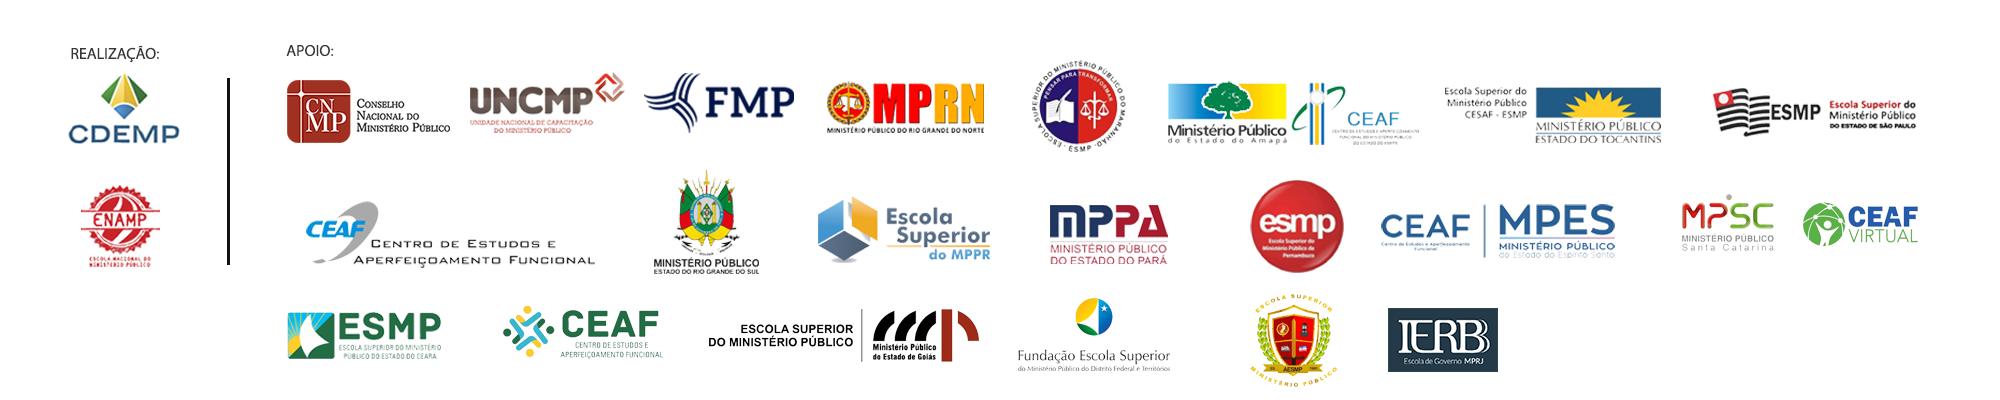 Instituições apoiadoras do evento